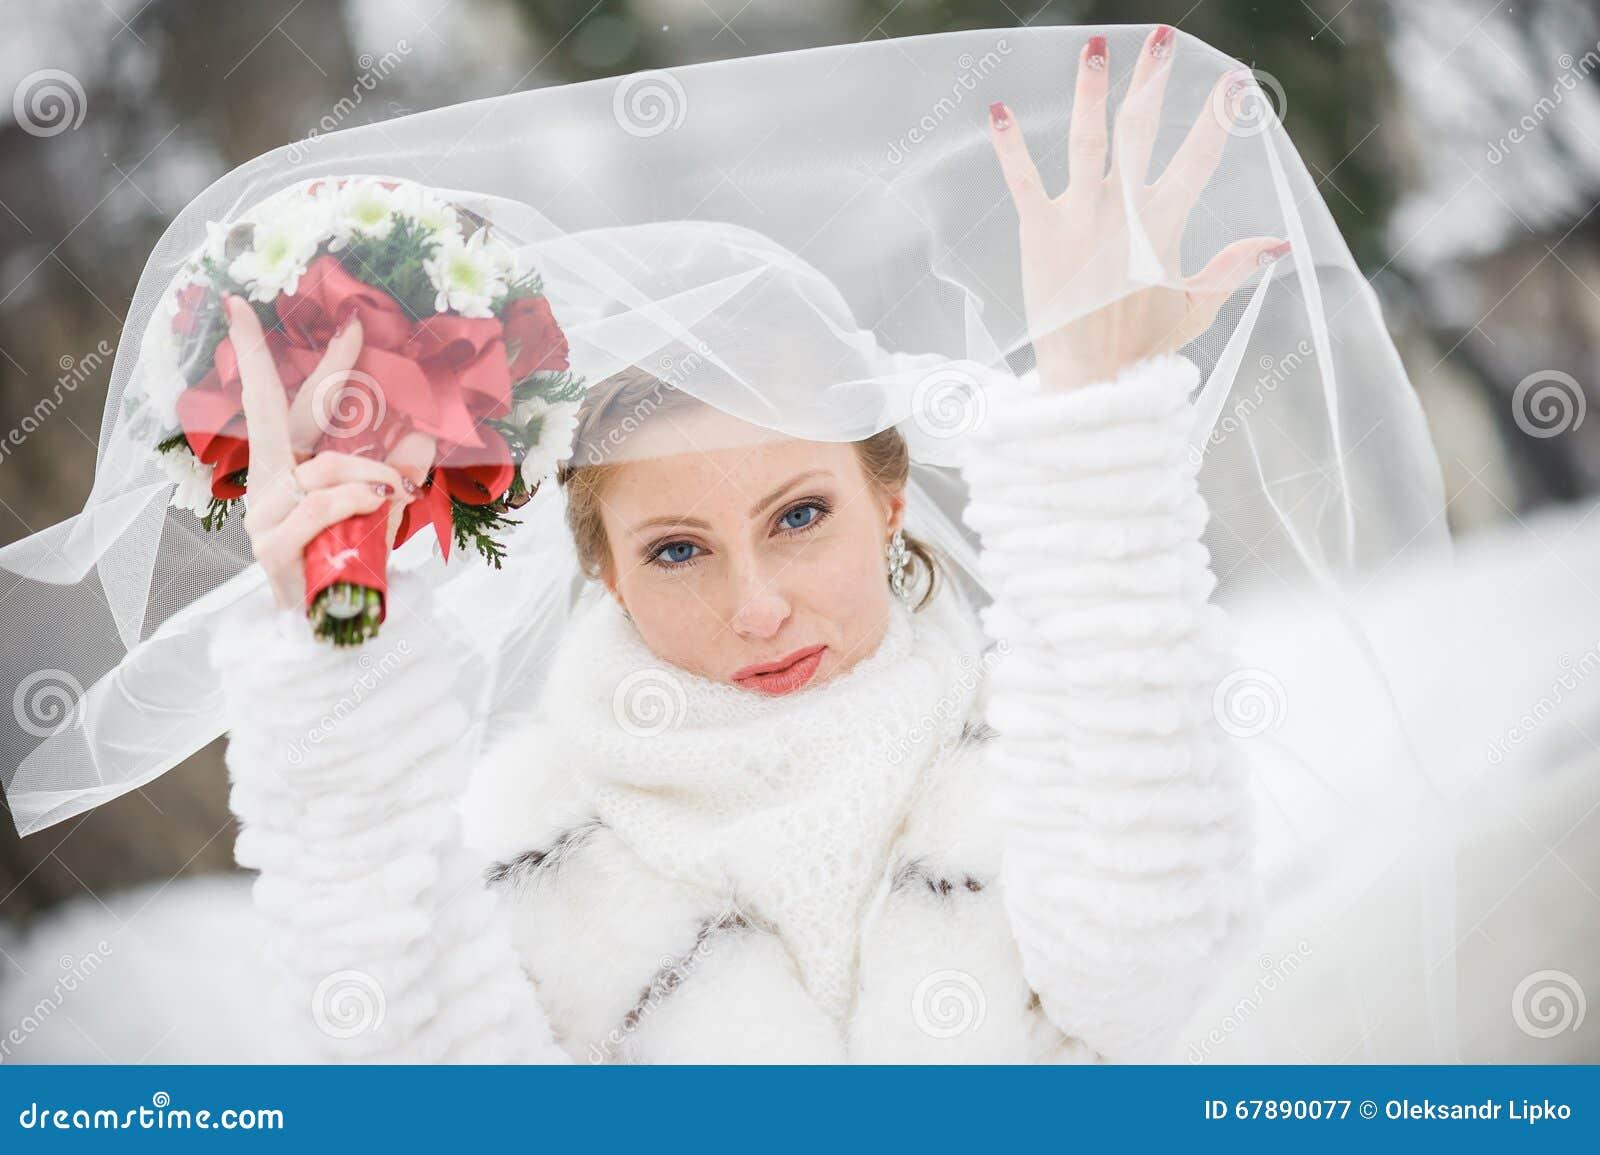 Piękna panna młoda z dużym ślubnym bukietem